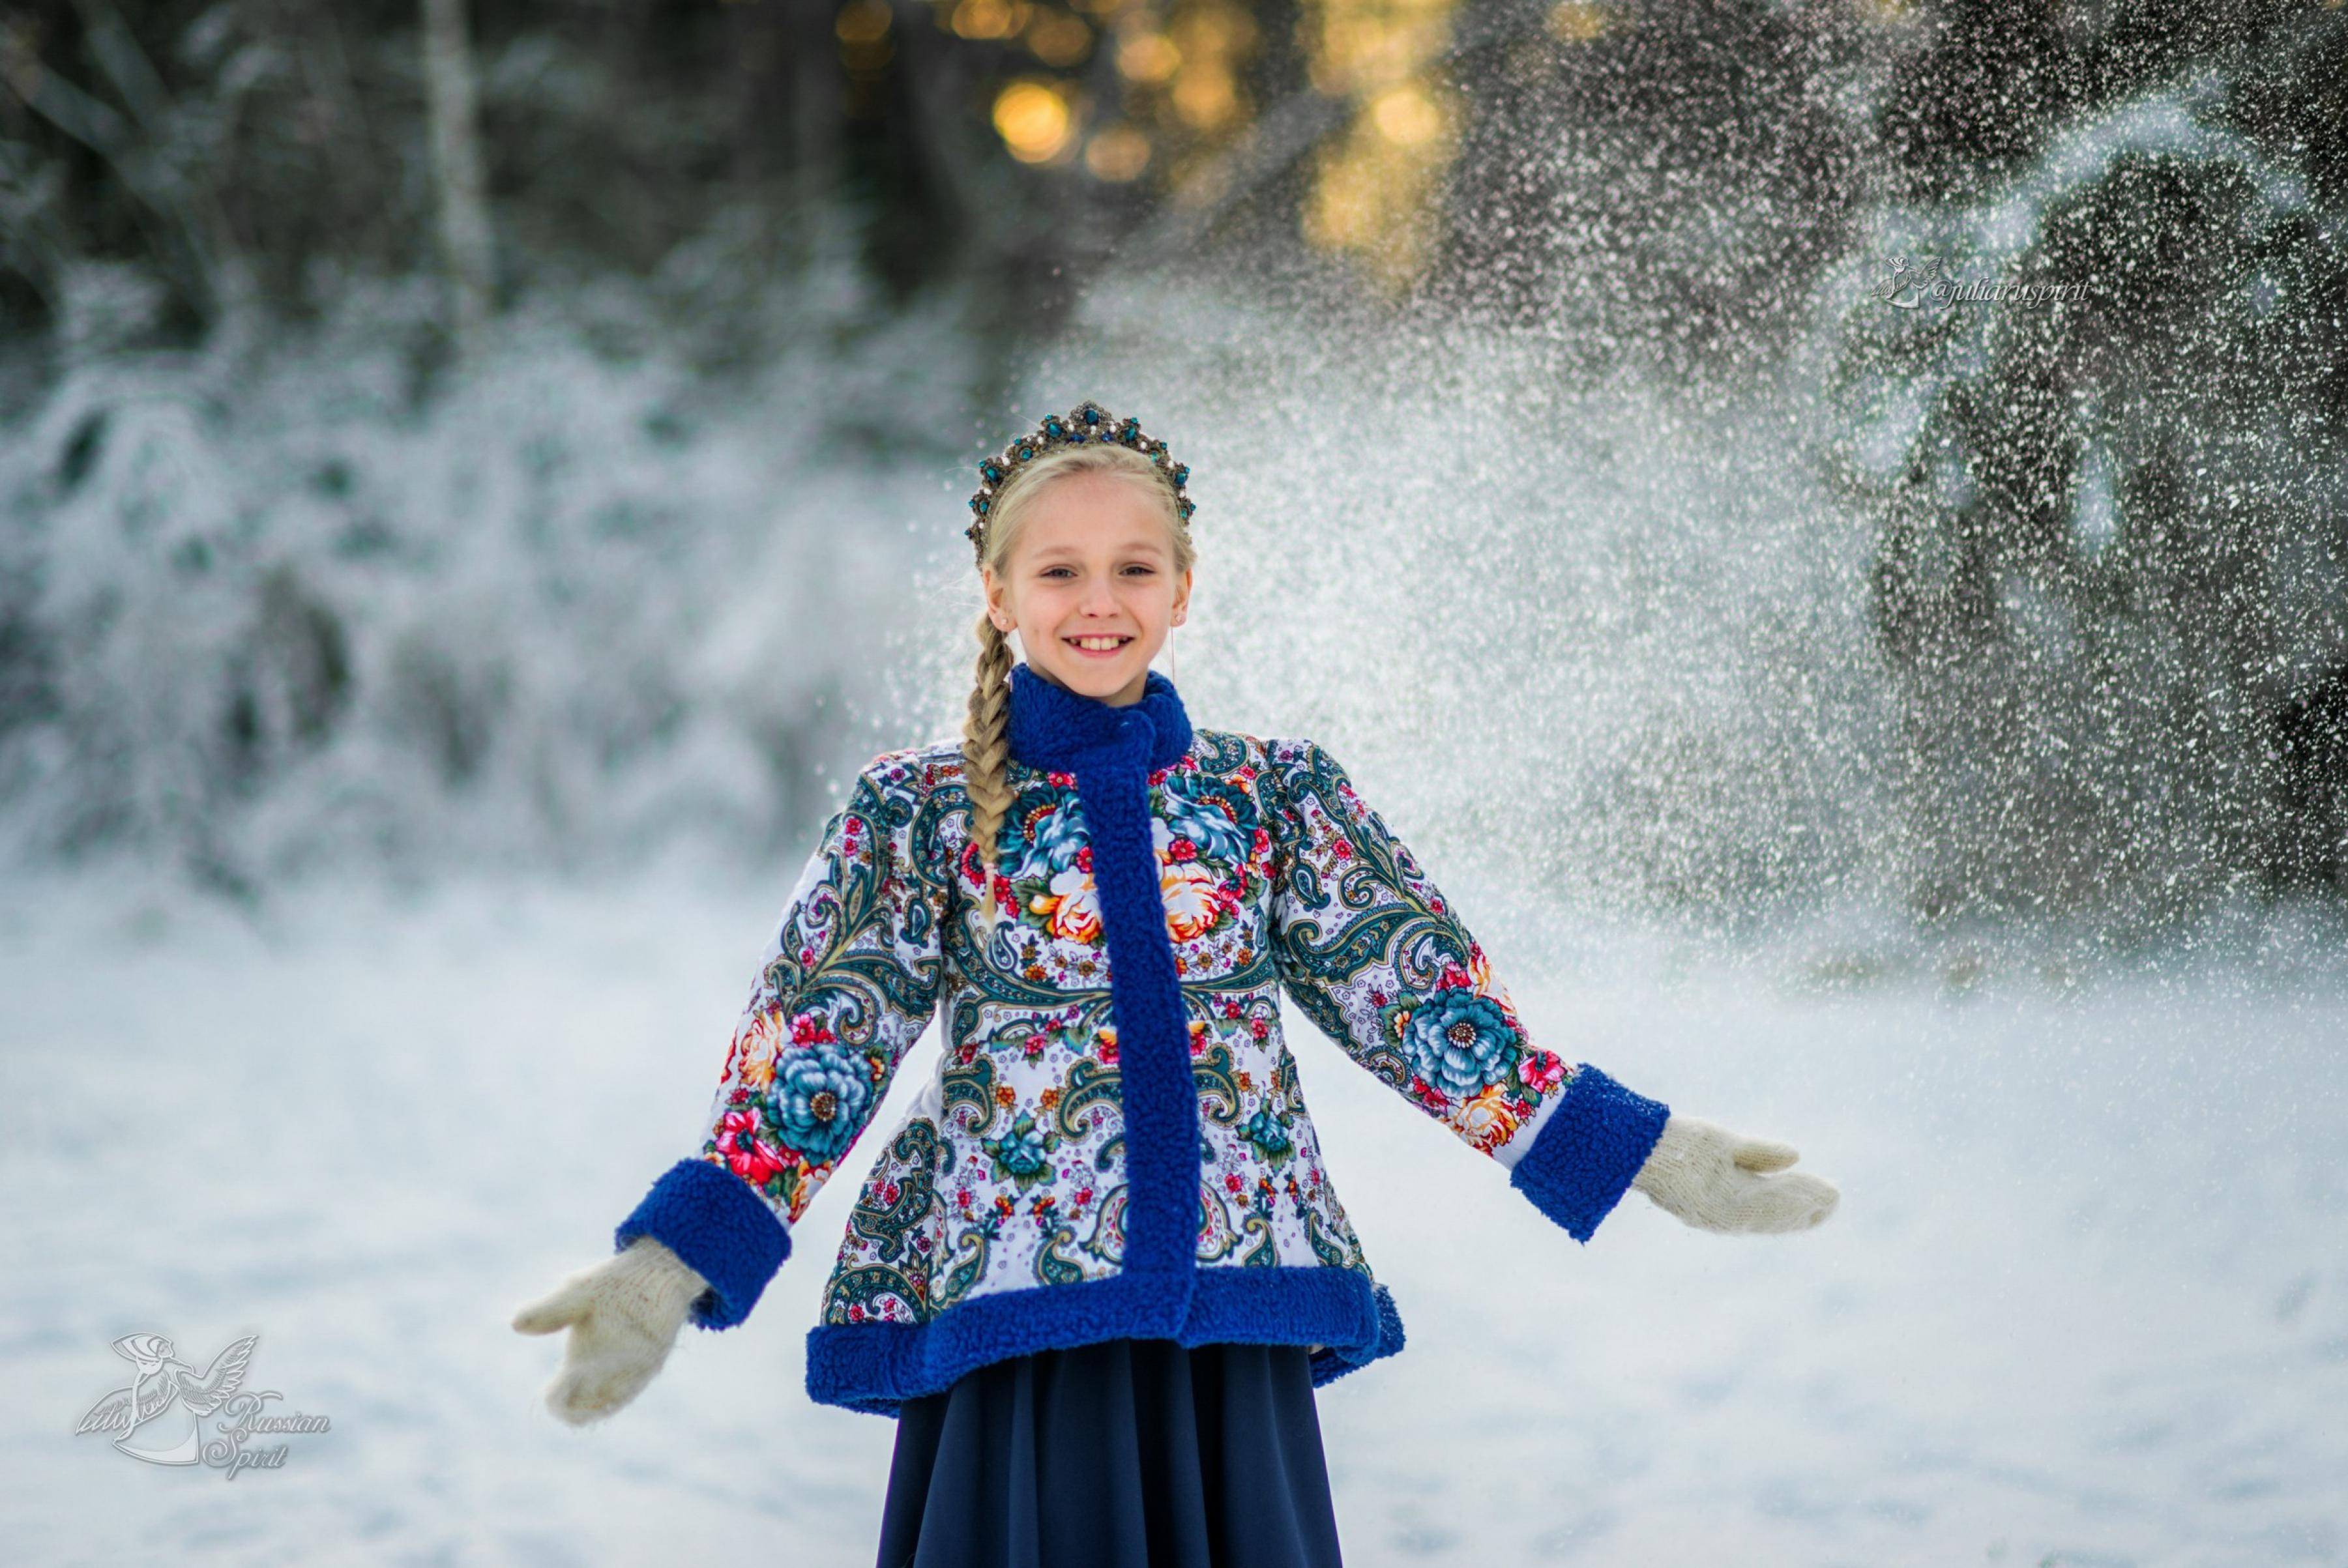 Девочка в зимнем лесу в утепленном жакете из Павлопосадских платков